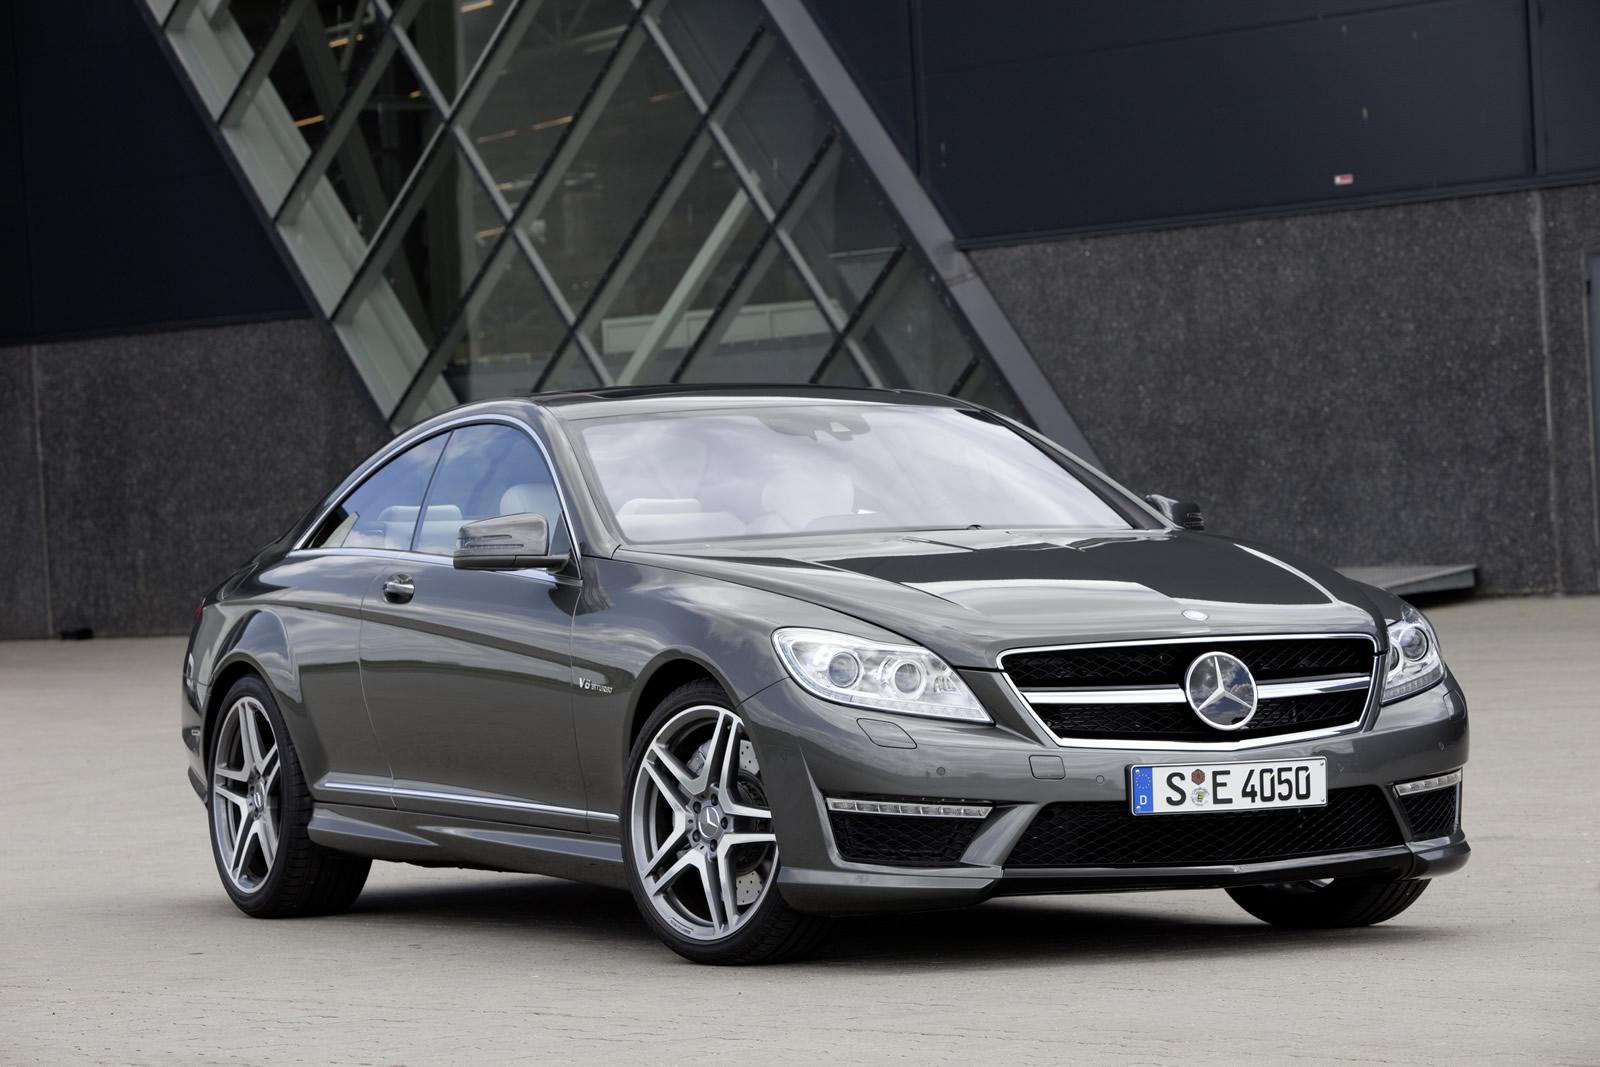 http://3.bp.blogspot.com/-G-gepIs-Q2Q/TrEbw56HbrI/AAAAAAAAFb4/zUOT6aLfyg8/s1600/Mercedes+CL63+AMG+3.jpg